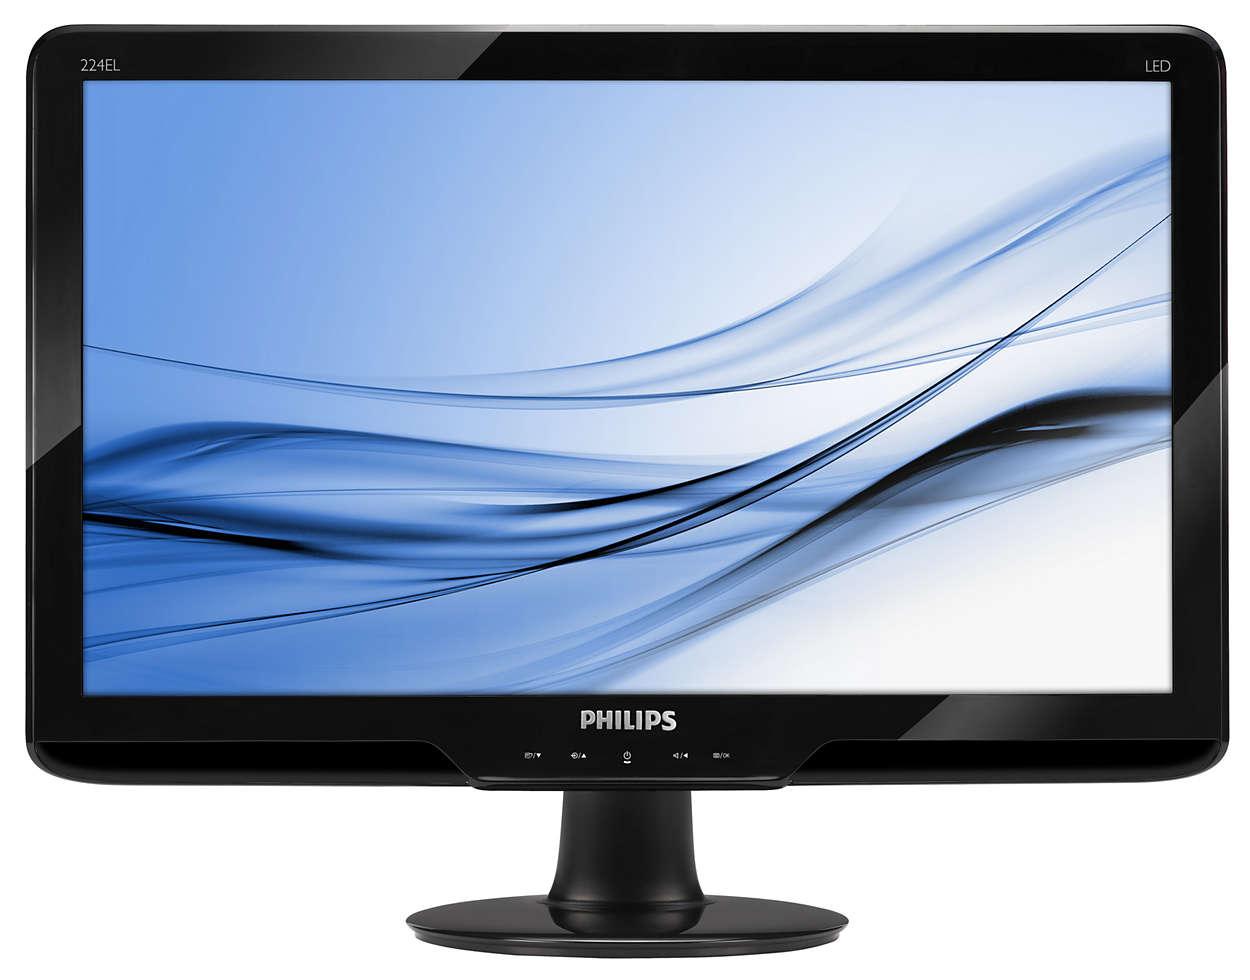 Élégant écran LED HDMI pour du pur divertissement en Full HD